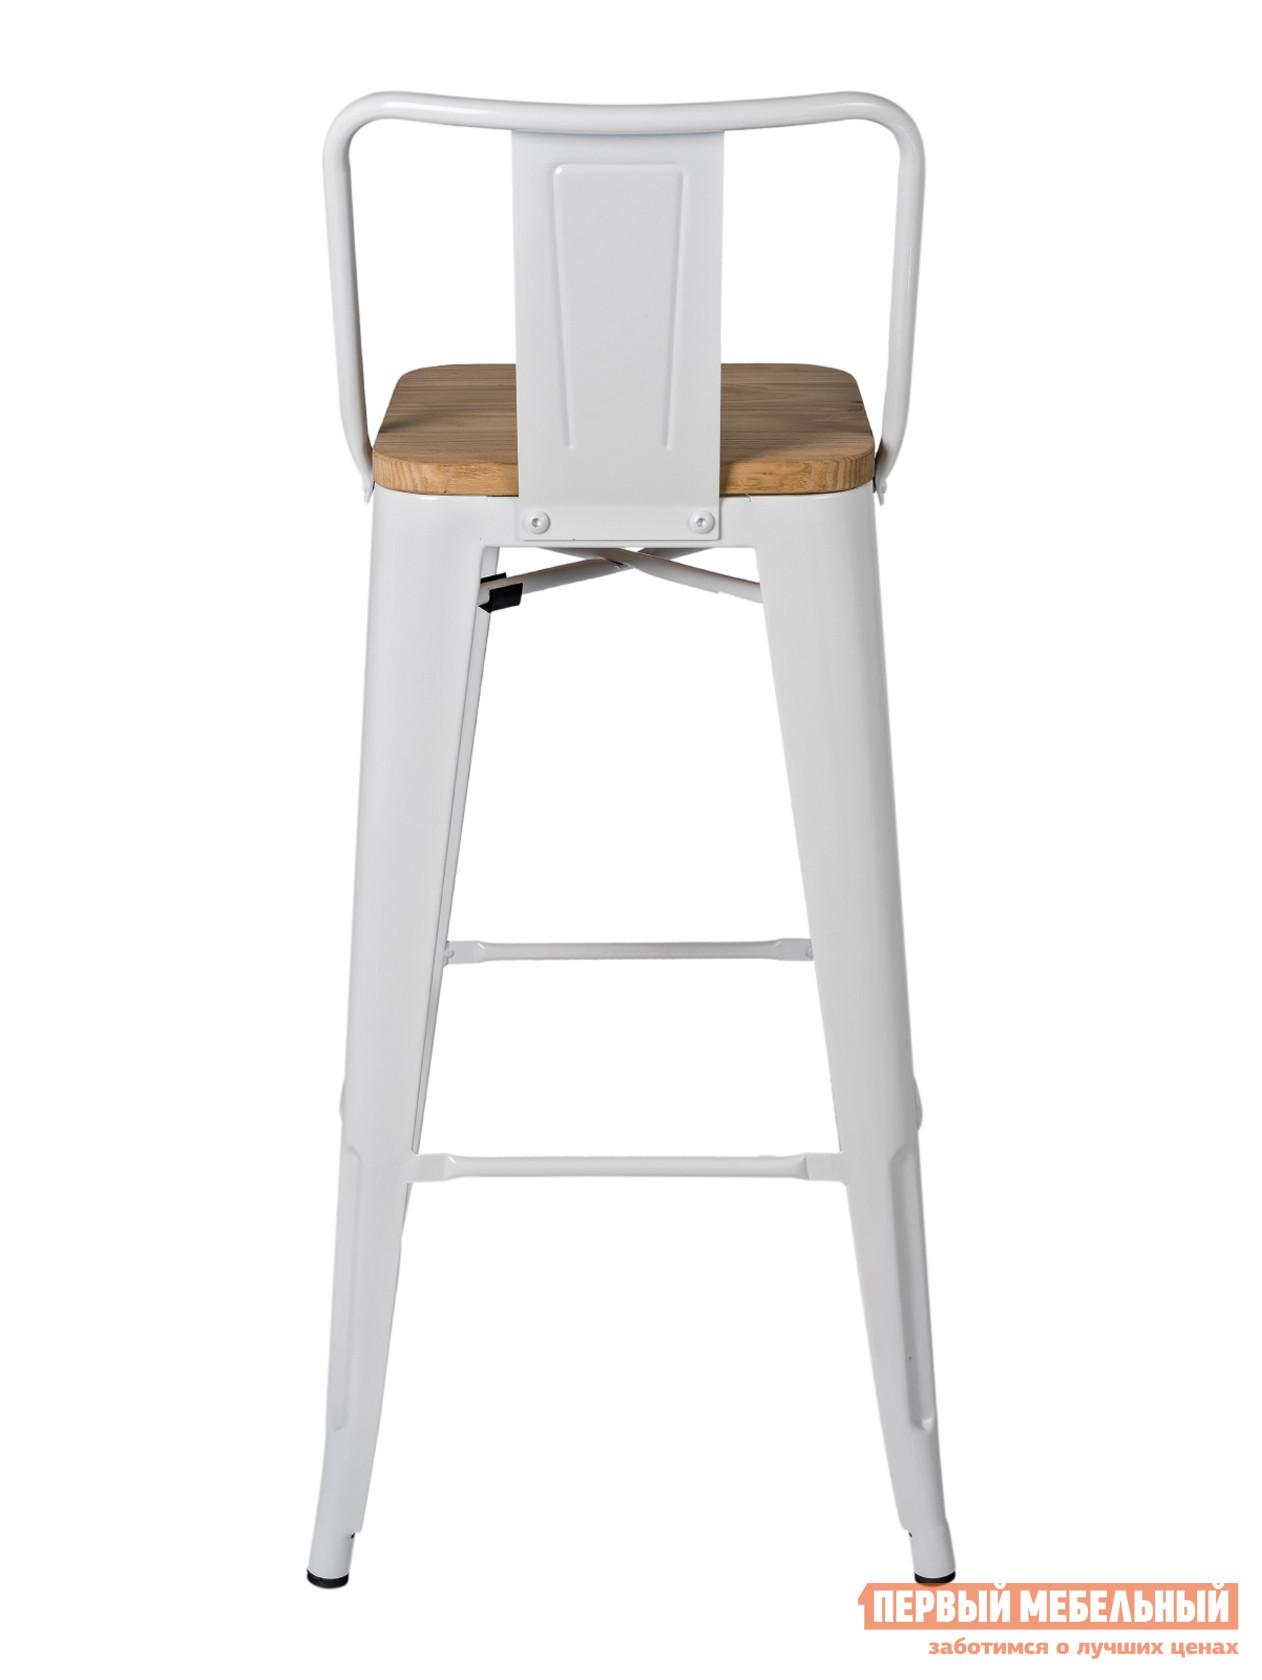 Барный стул  Толикс со спинкой Белый глянцевый / Cветлое дерево